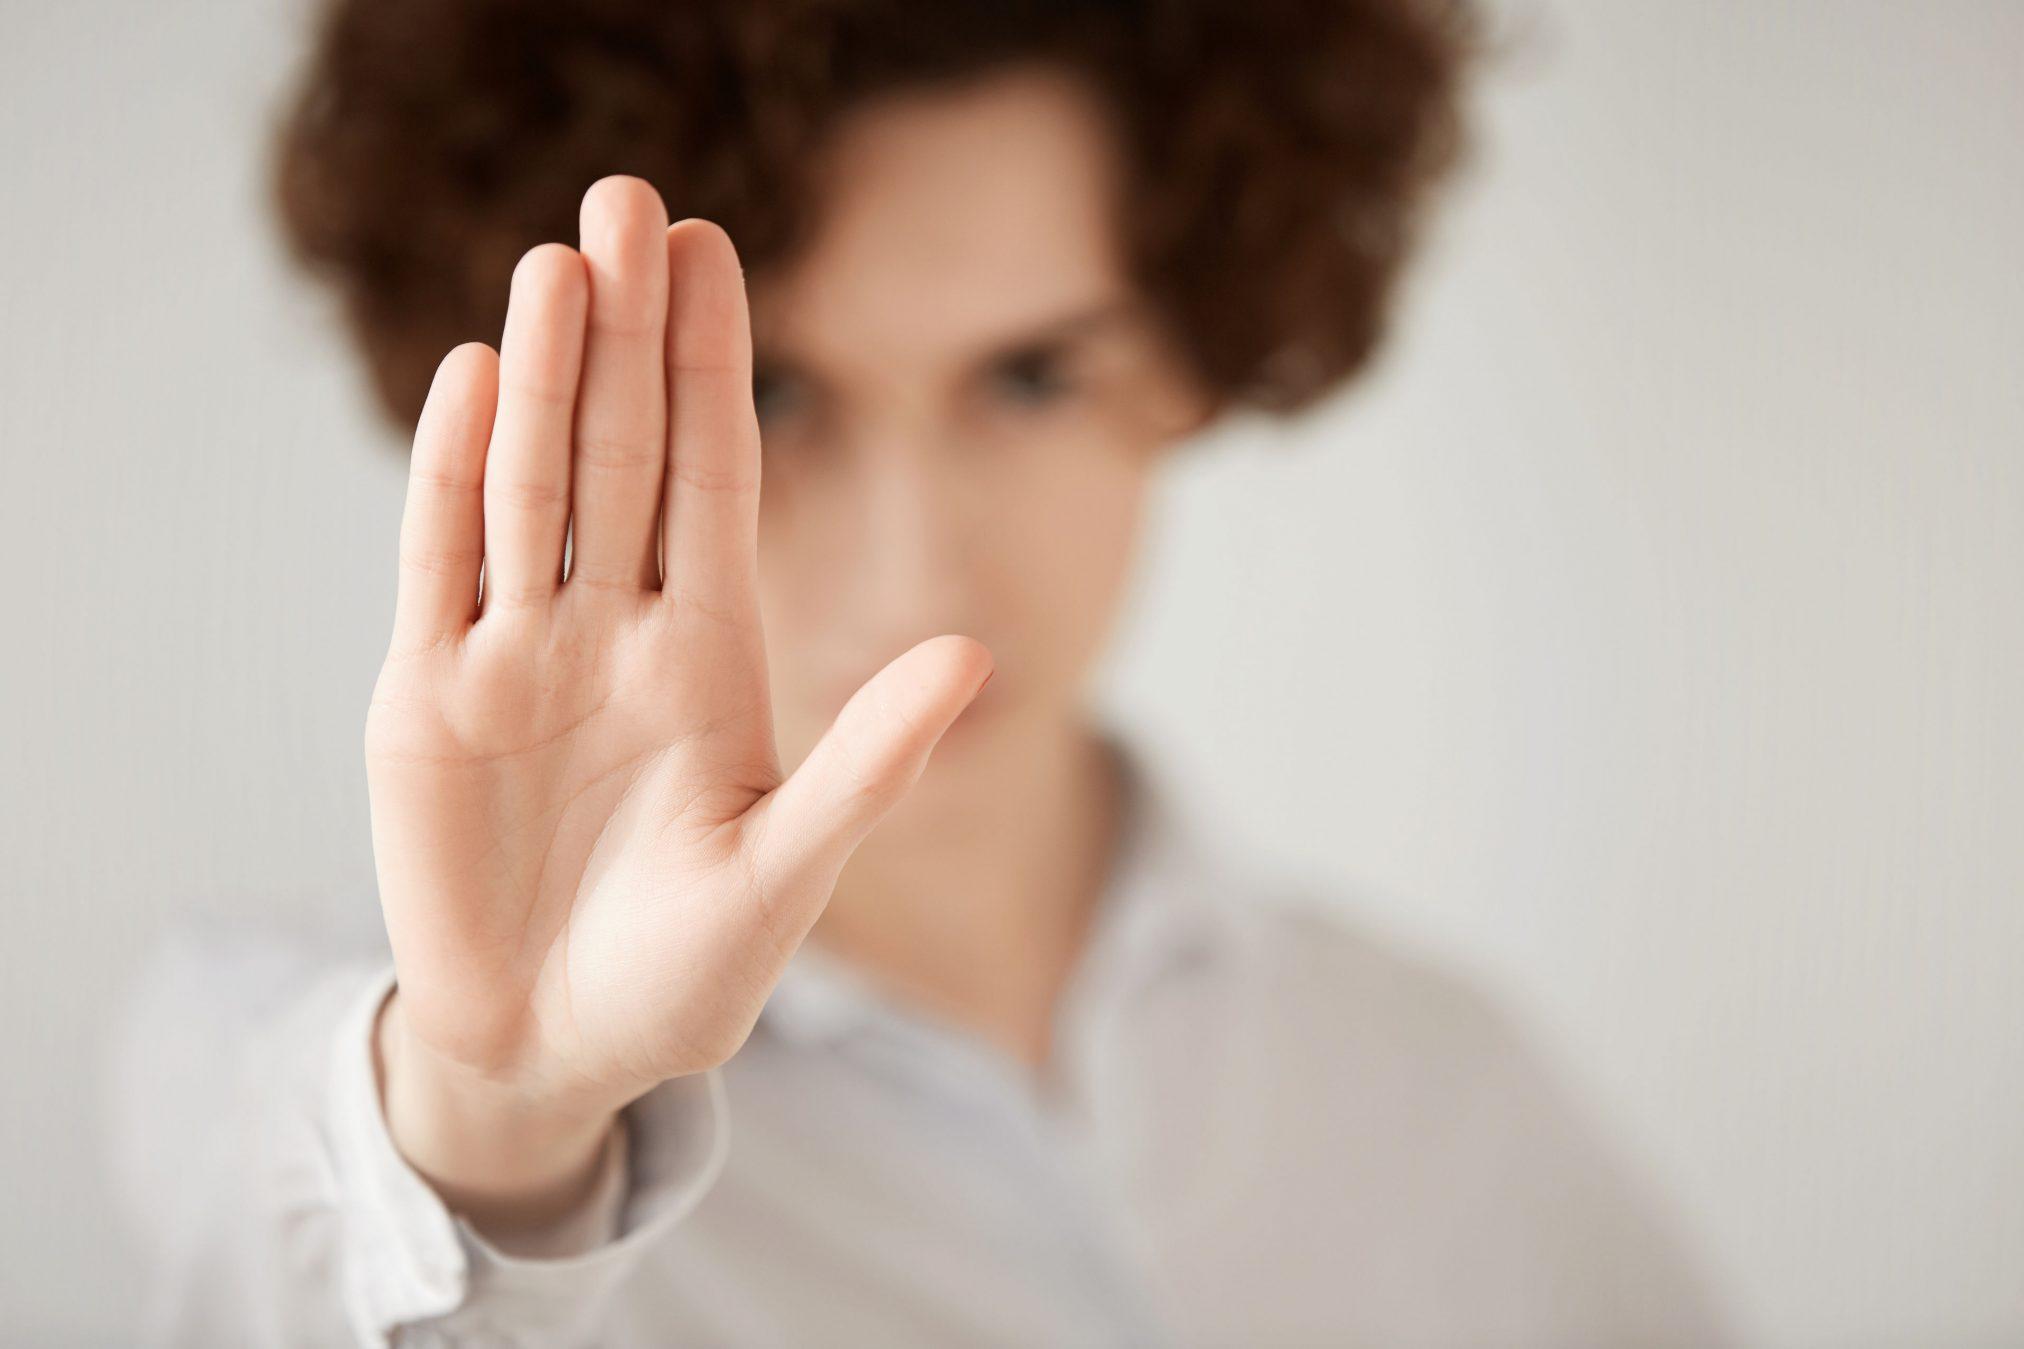 Öncelikli olarak sağlıklı bir şekilde ne istediğinizi bilmelisiniz ve çeşitli farkındalıklarda kazanmalısınız.